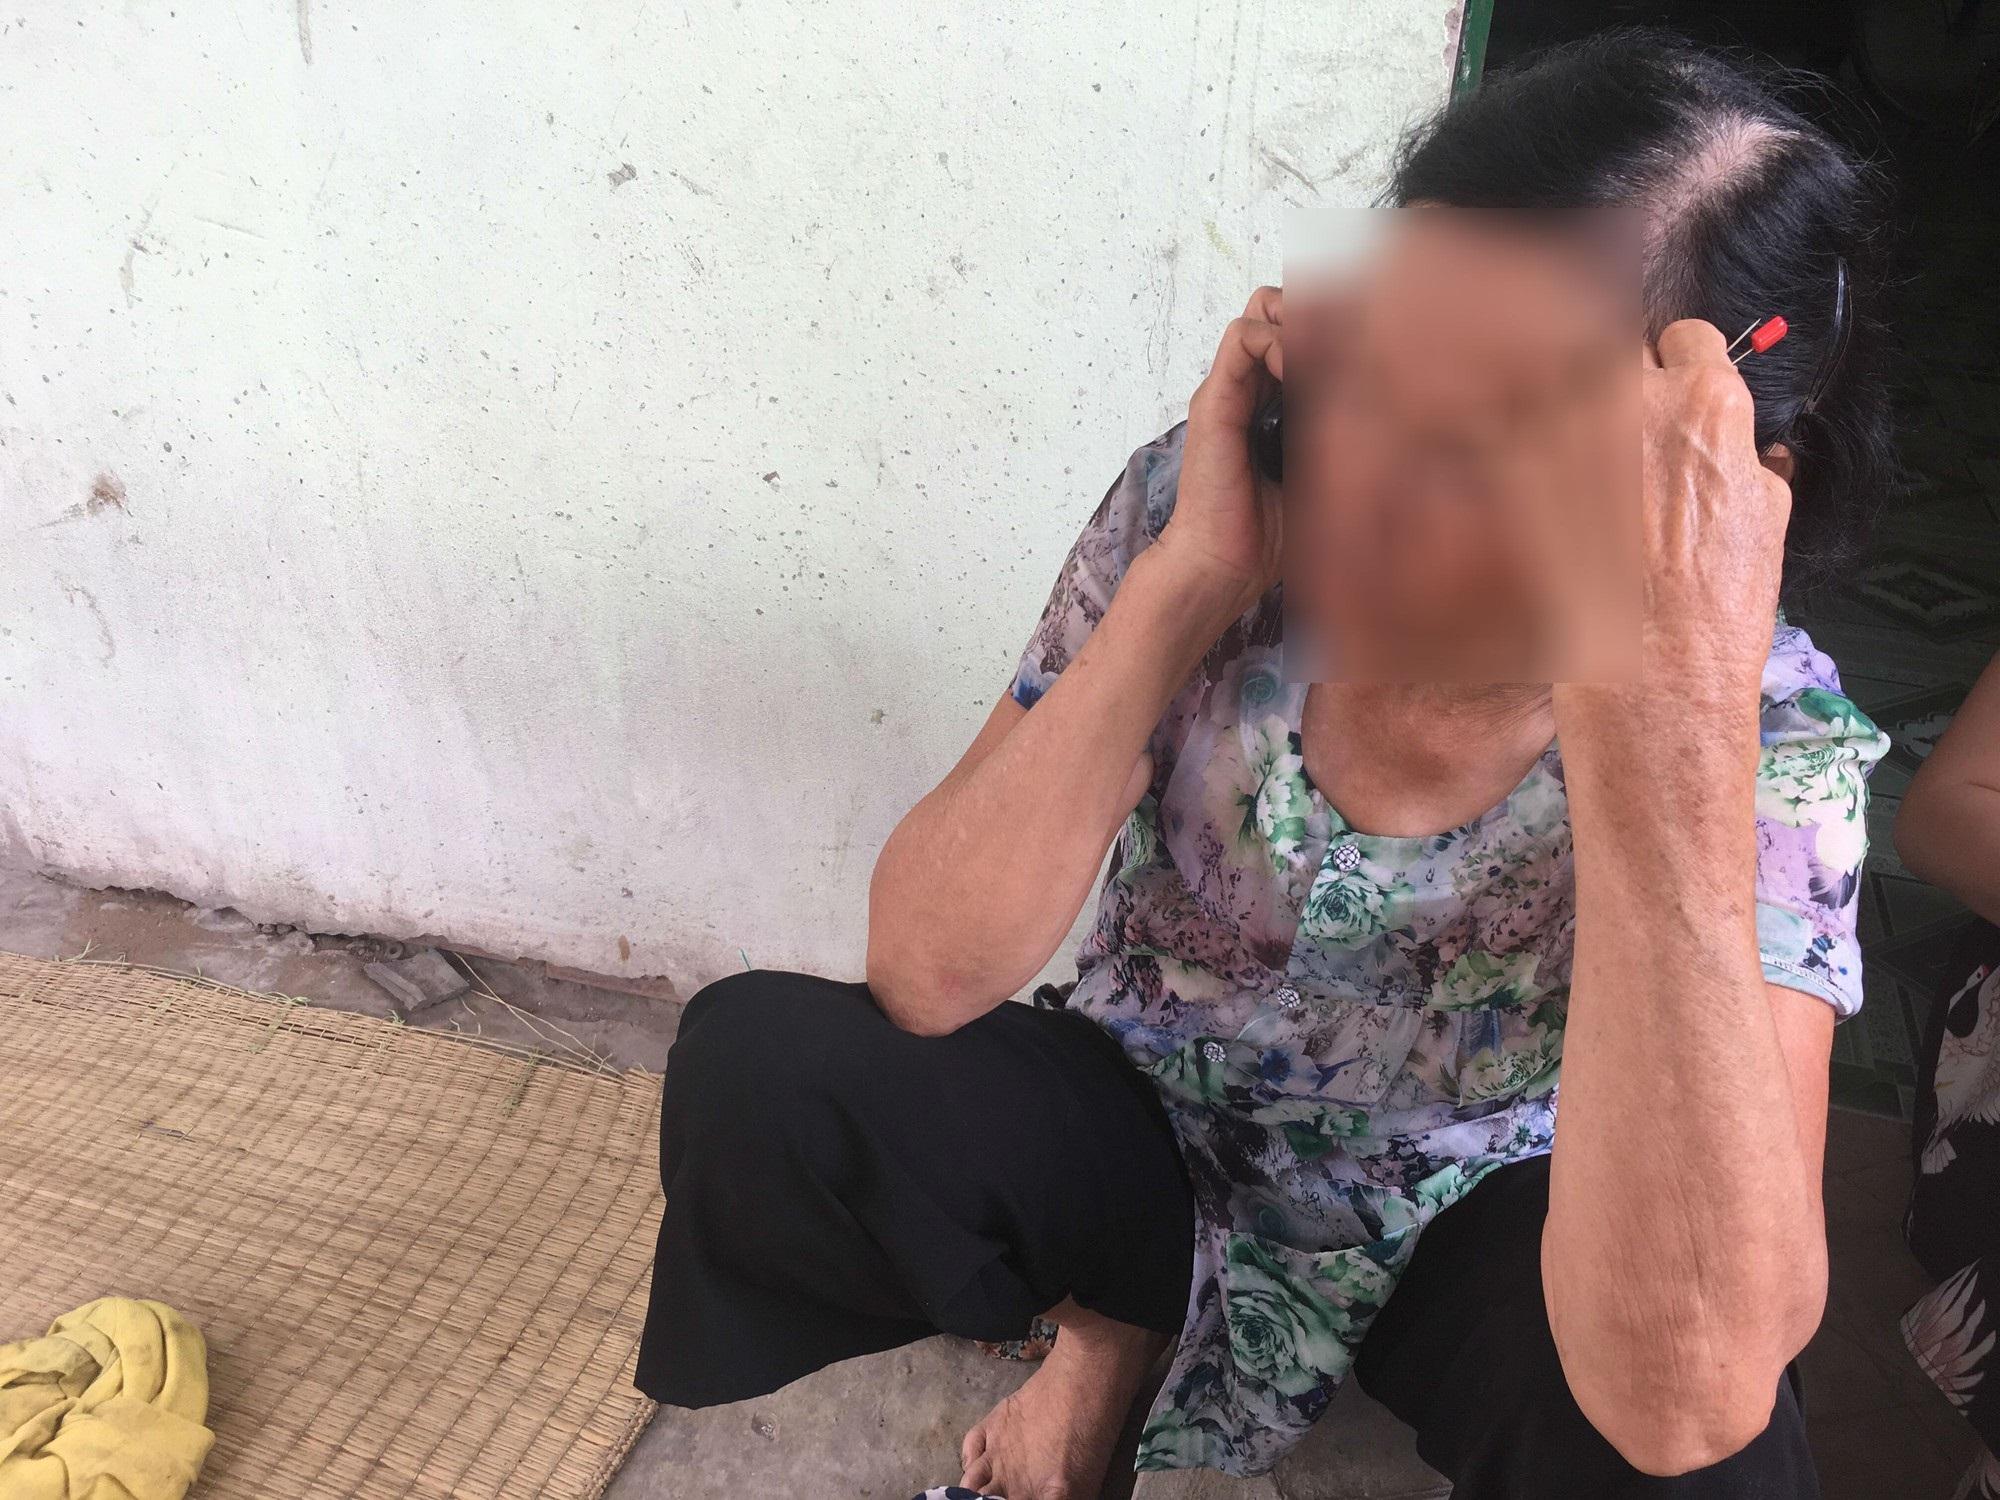 Căm phẫn: Cha ruột hiếp dâm con gái 9 tuổi 5 lần, xâm hại cả hai bé hàng xóm - Ảnh 2